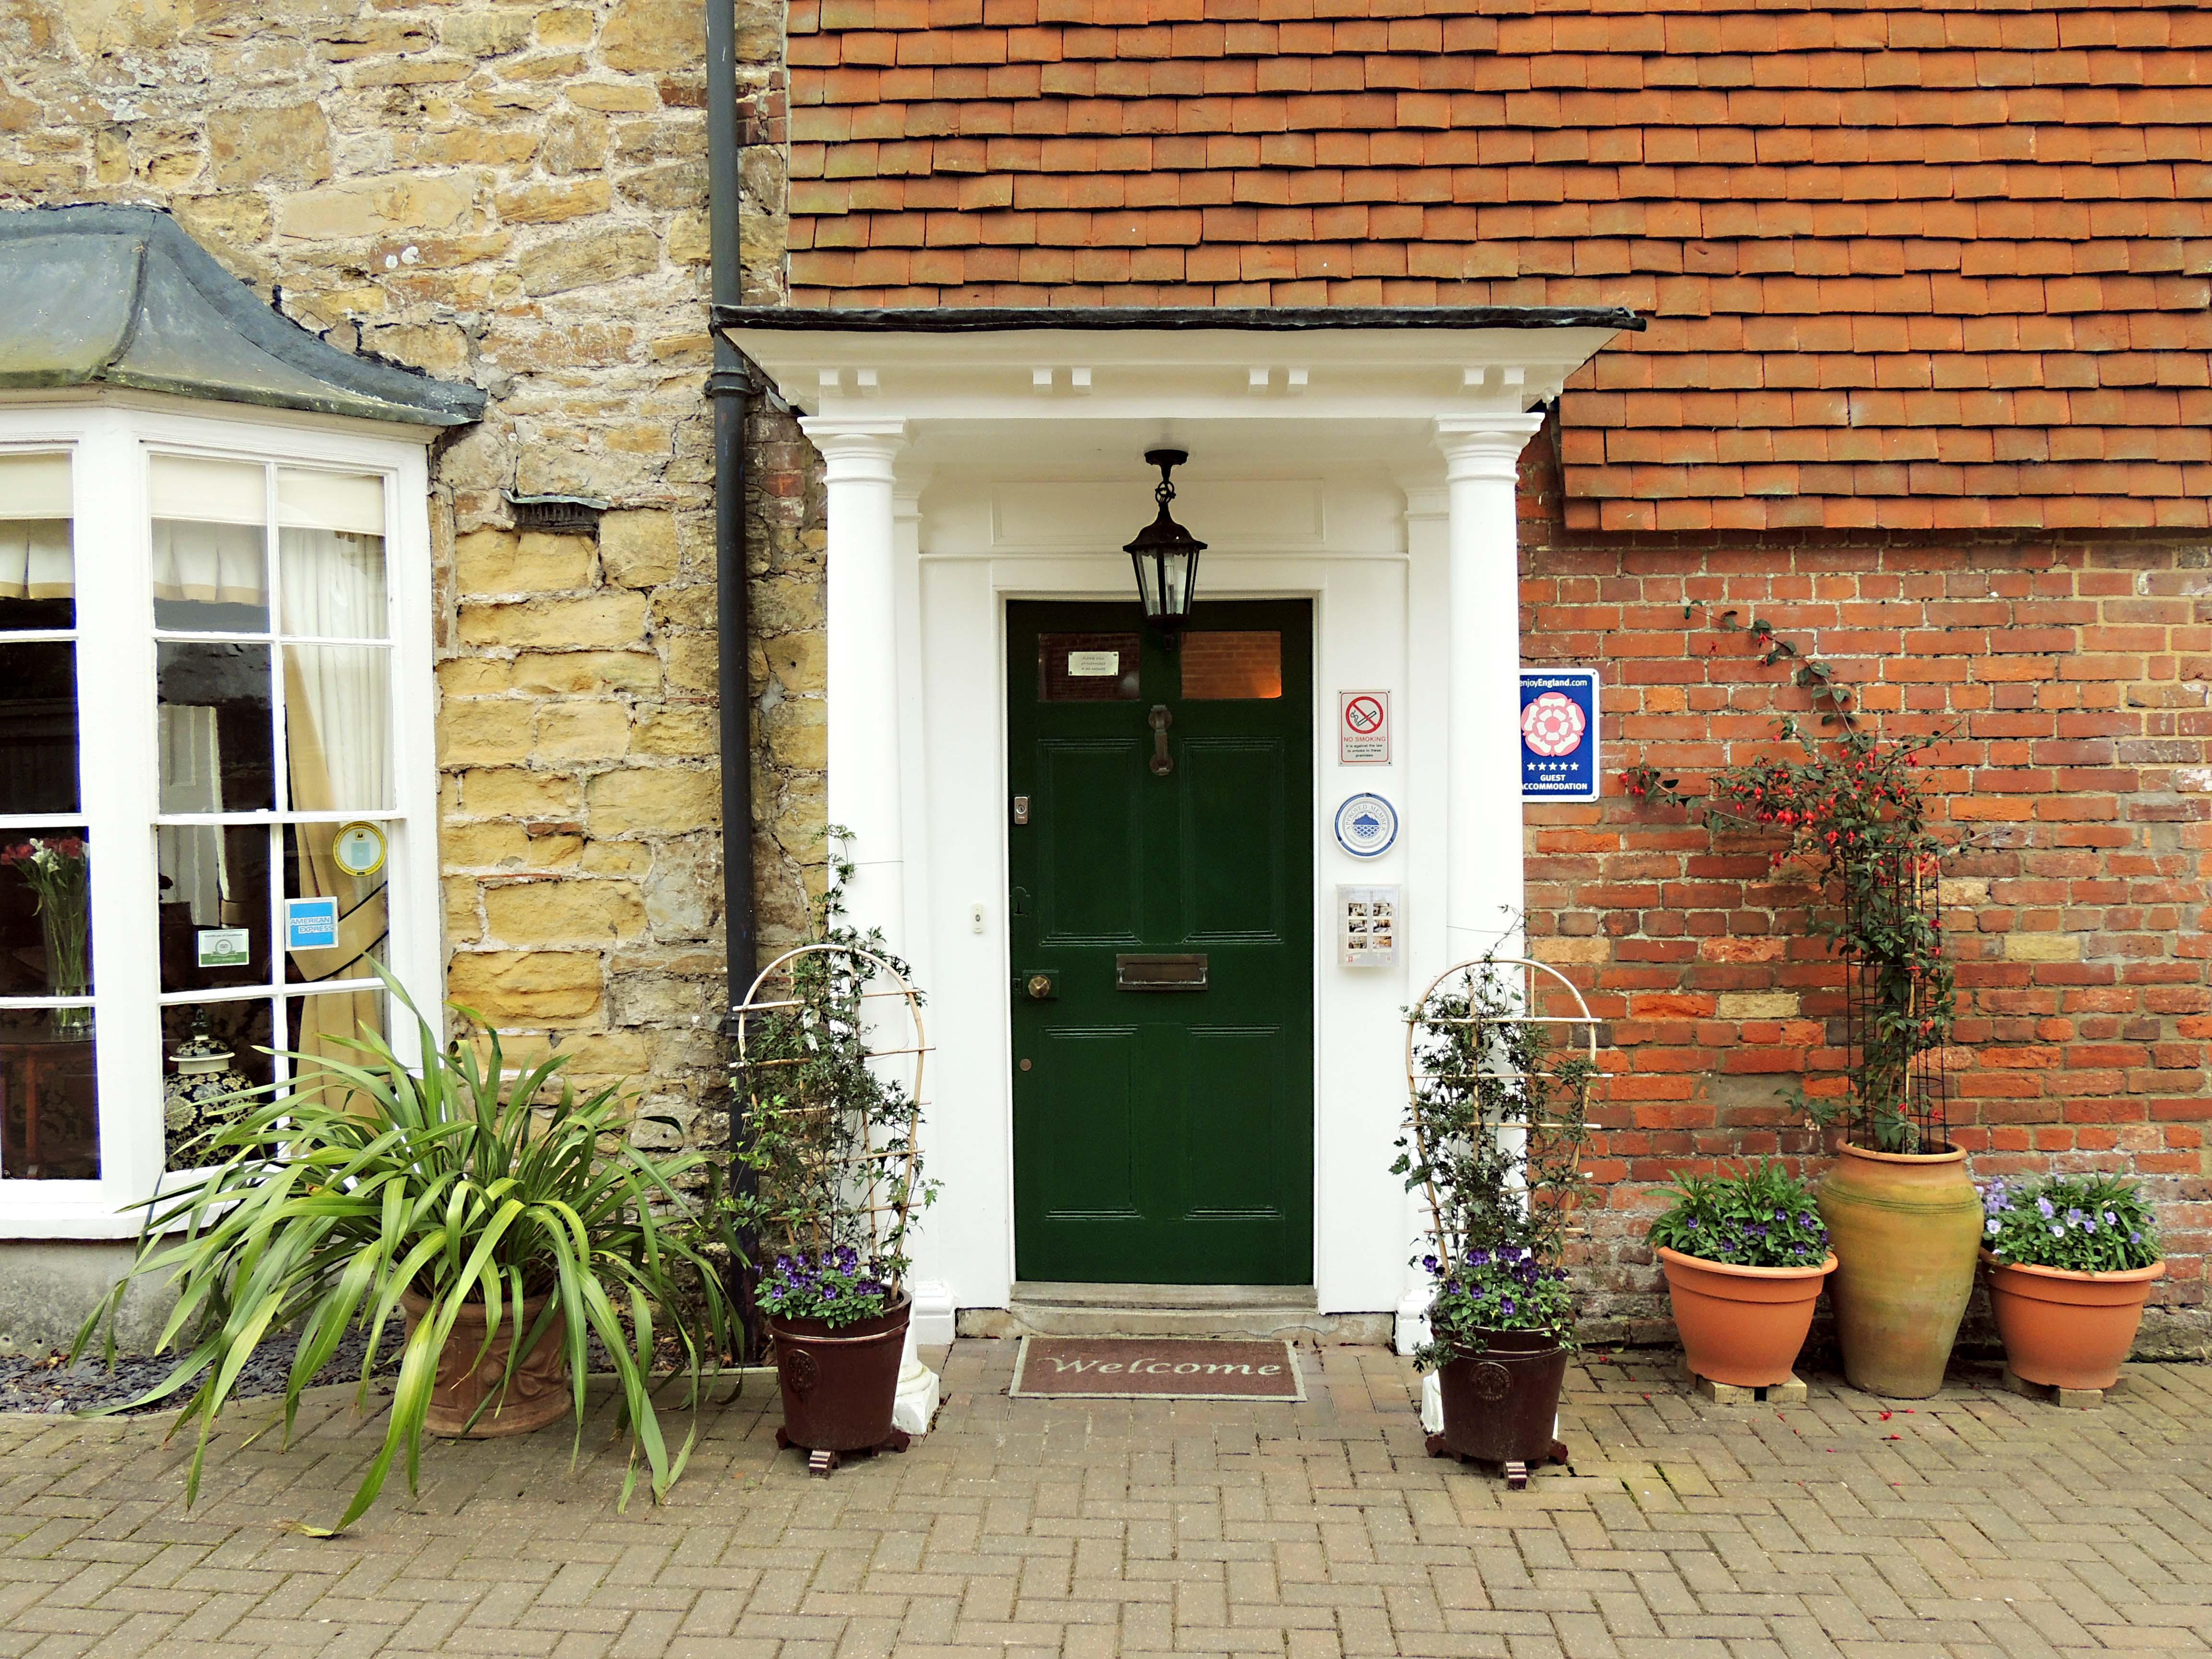 Willow tree house front door